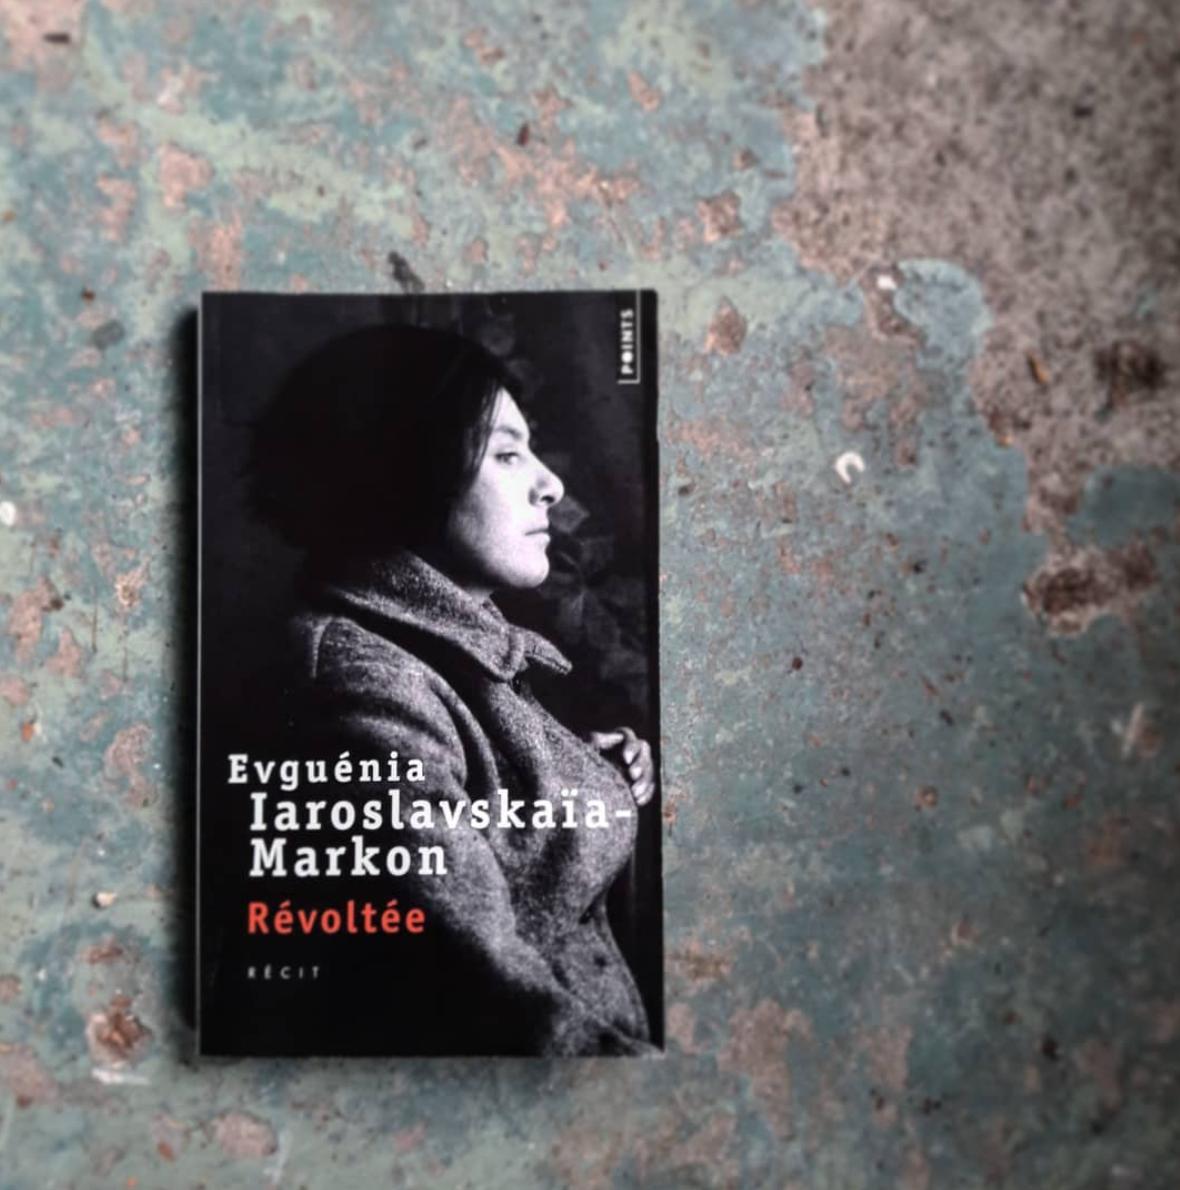 Evguénia Iaroslavskaïa-Markon, Editions du Seuil, 2017